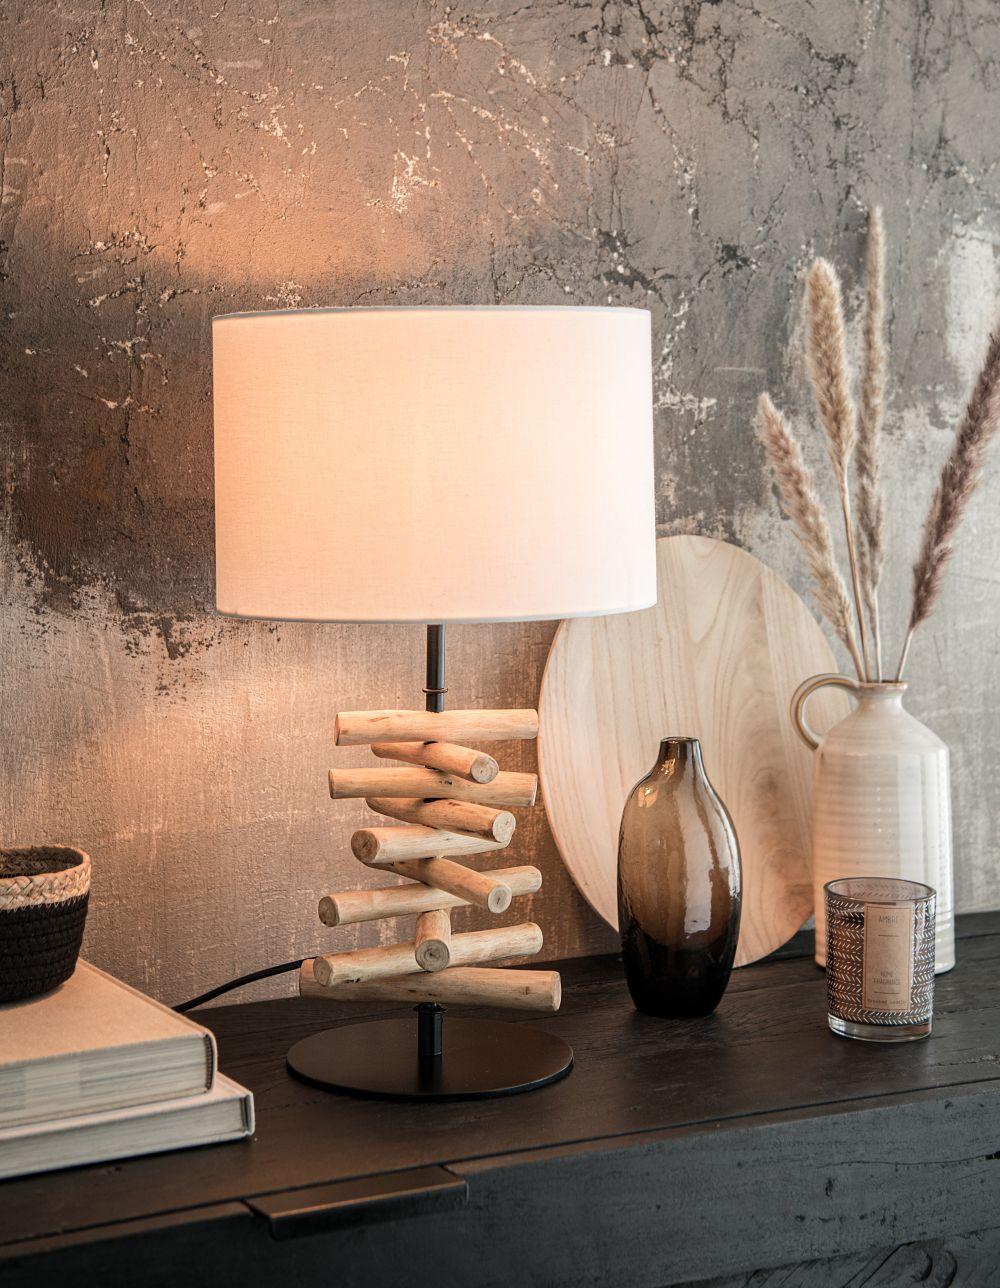 Lampe en eucalyptus et abat-jour en coton blanc